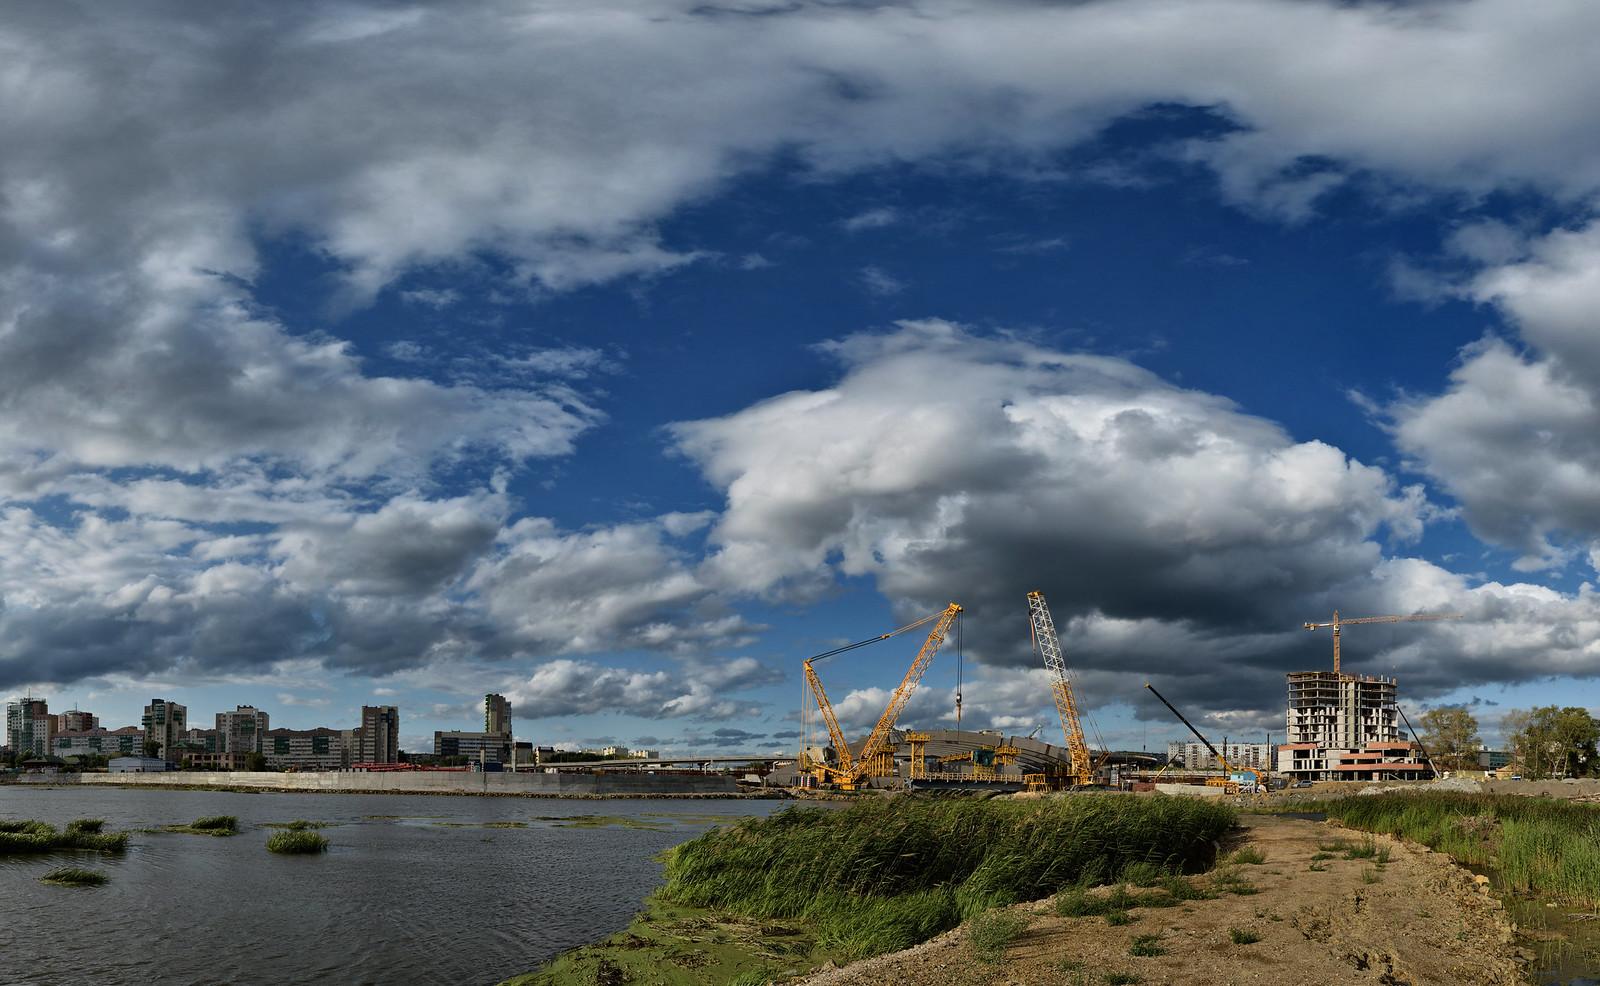 Челябинск - строительство ШОС